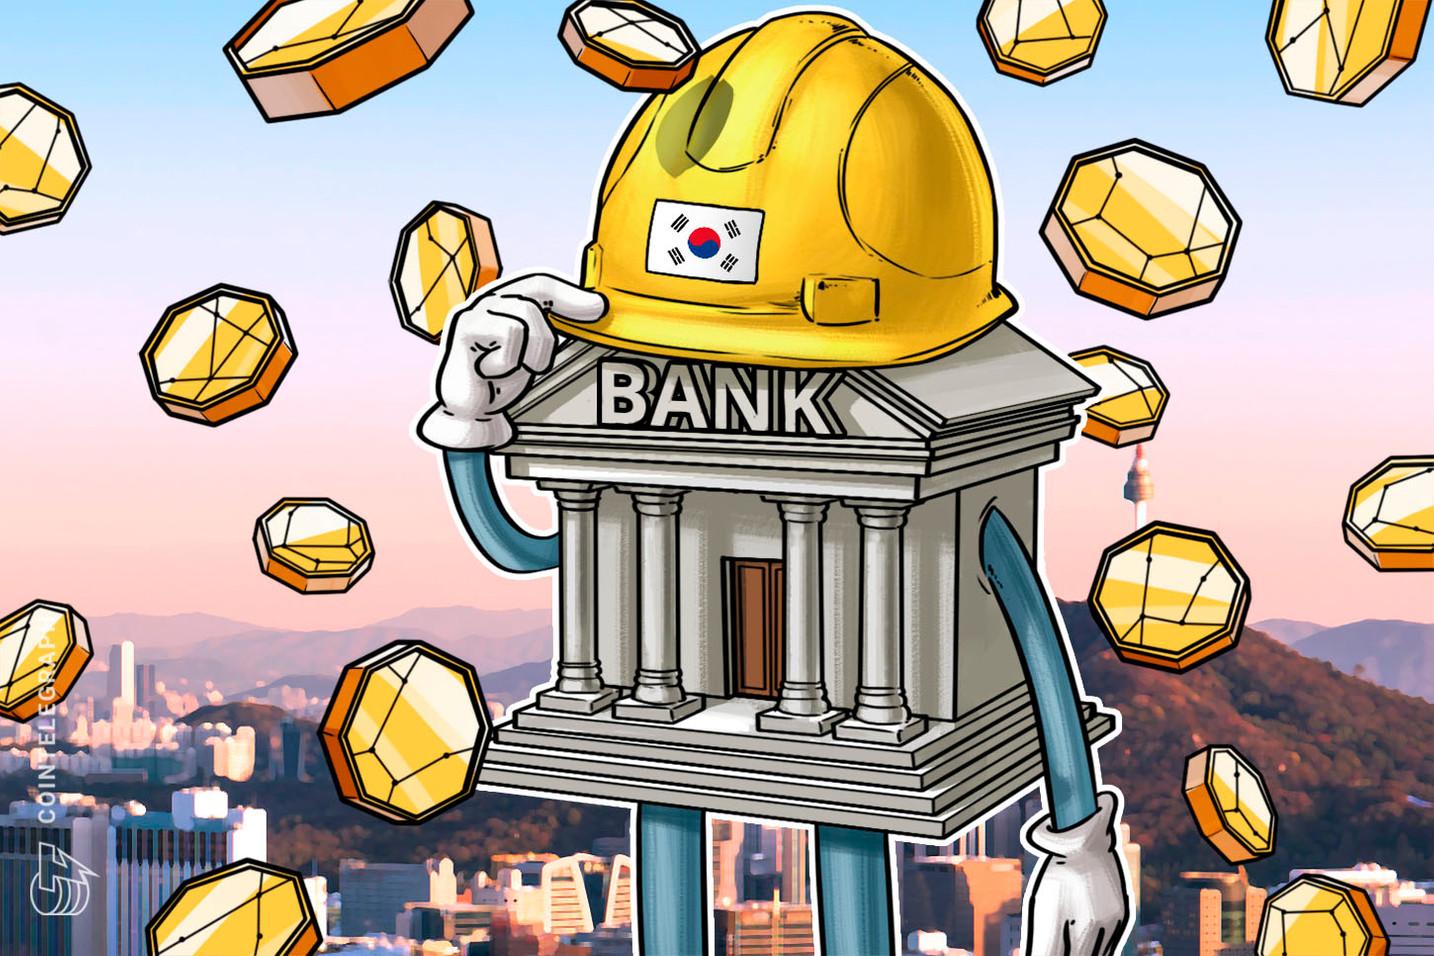 Südkorea: Großbank verstärkt Kontrolle von Konten, die mit Kryptobörsen interagieren